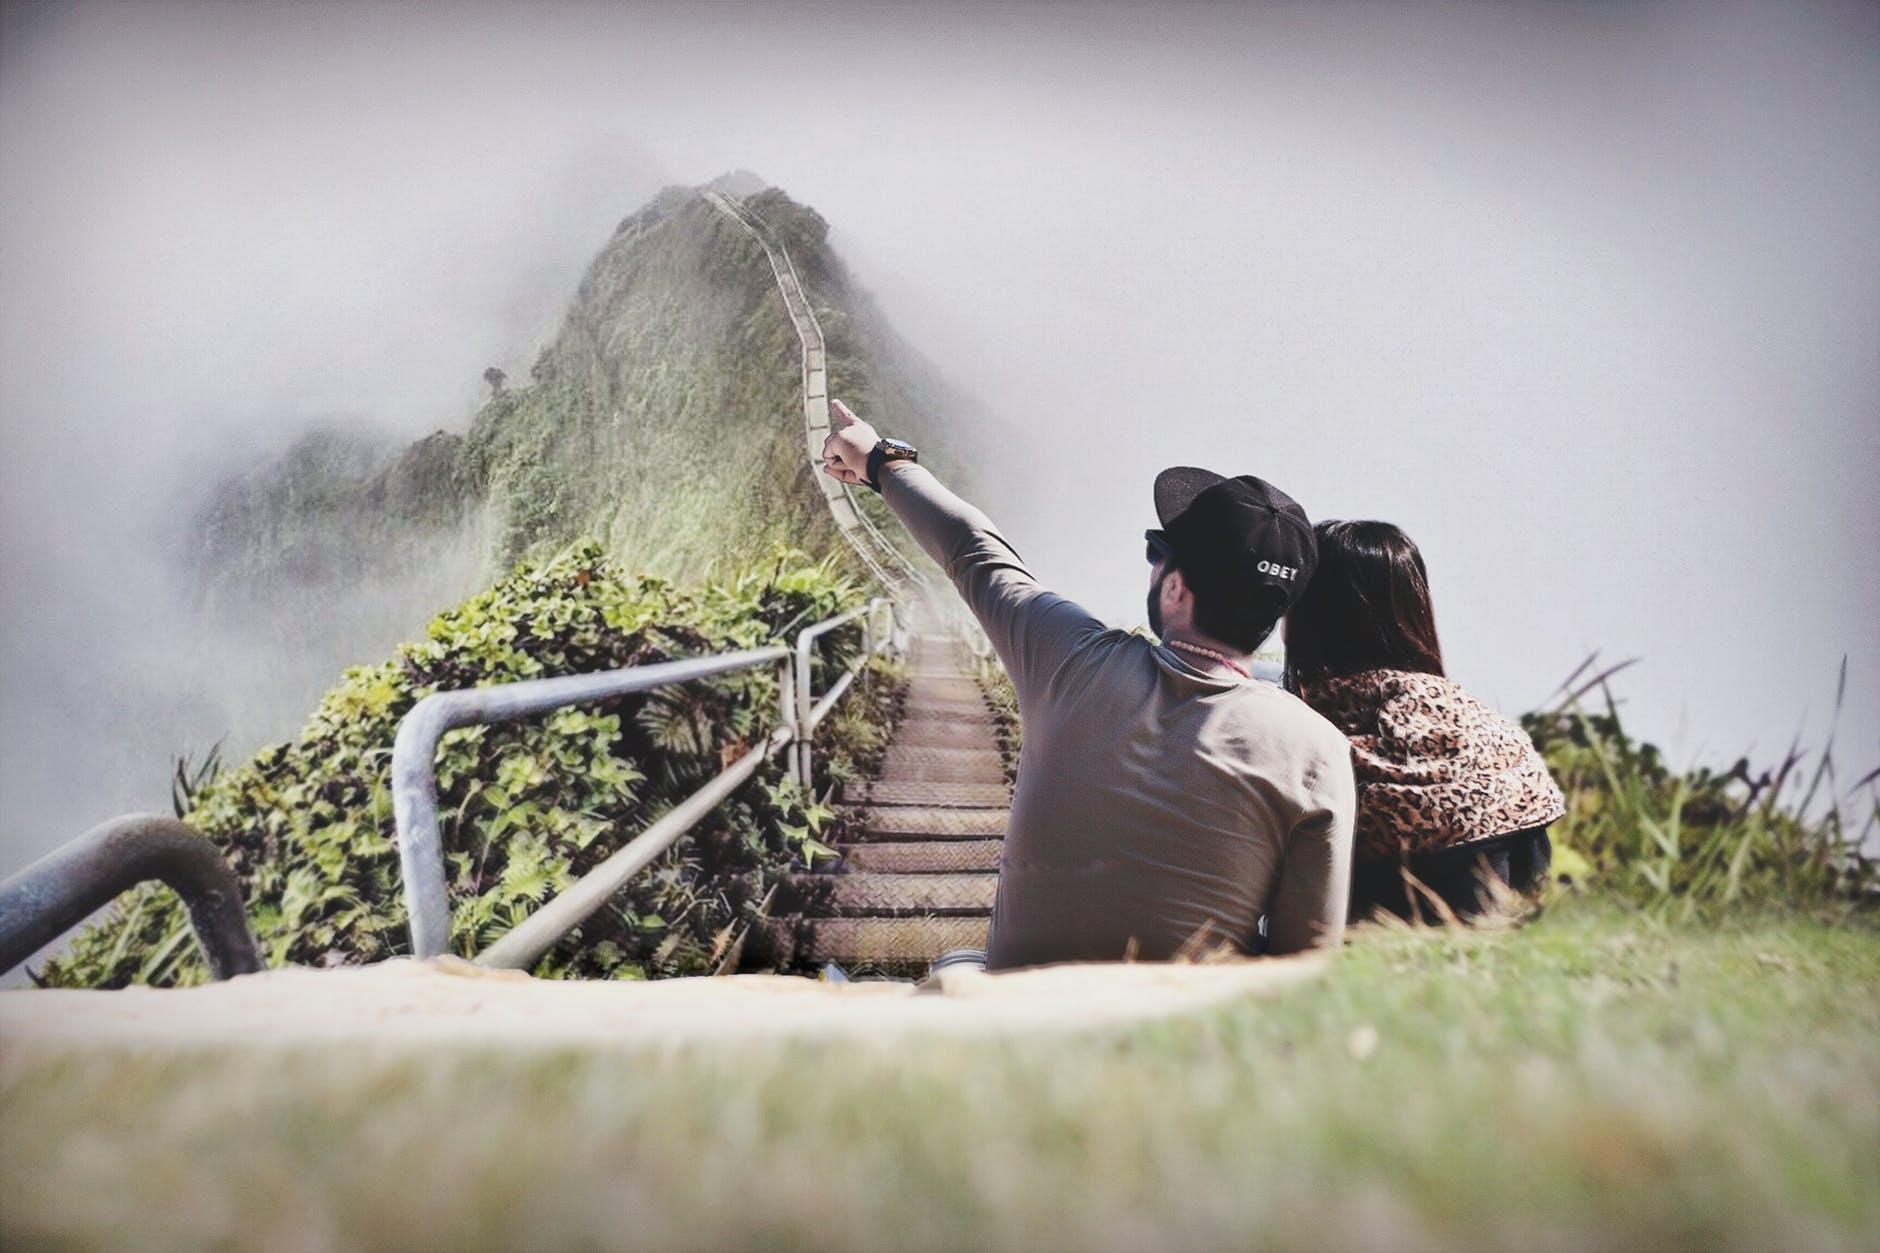 عکس عاشقانه دختر و پسر از پشت سر